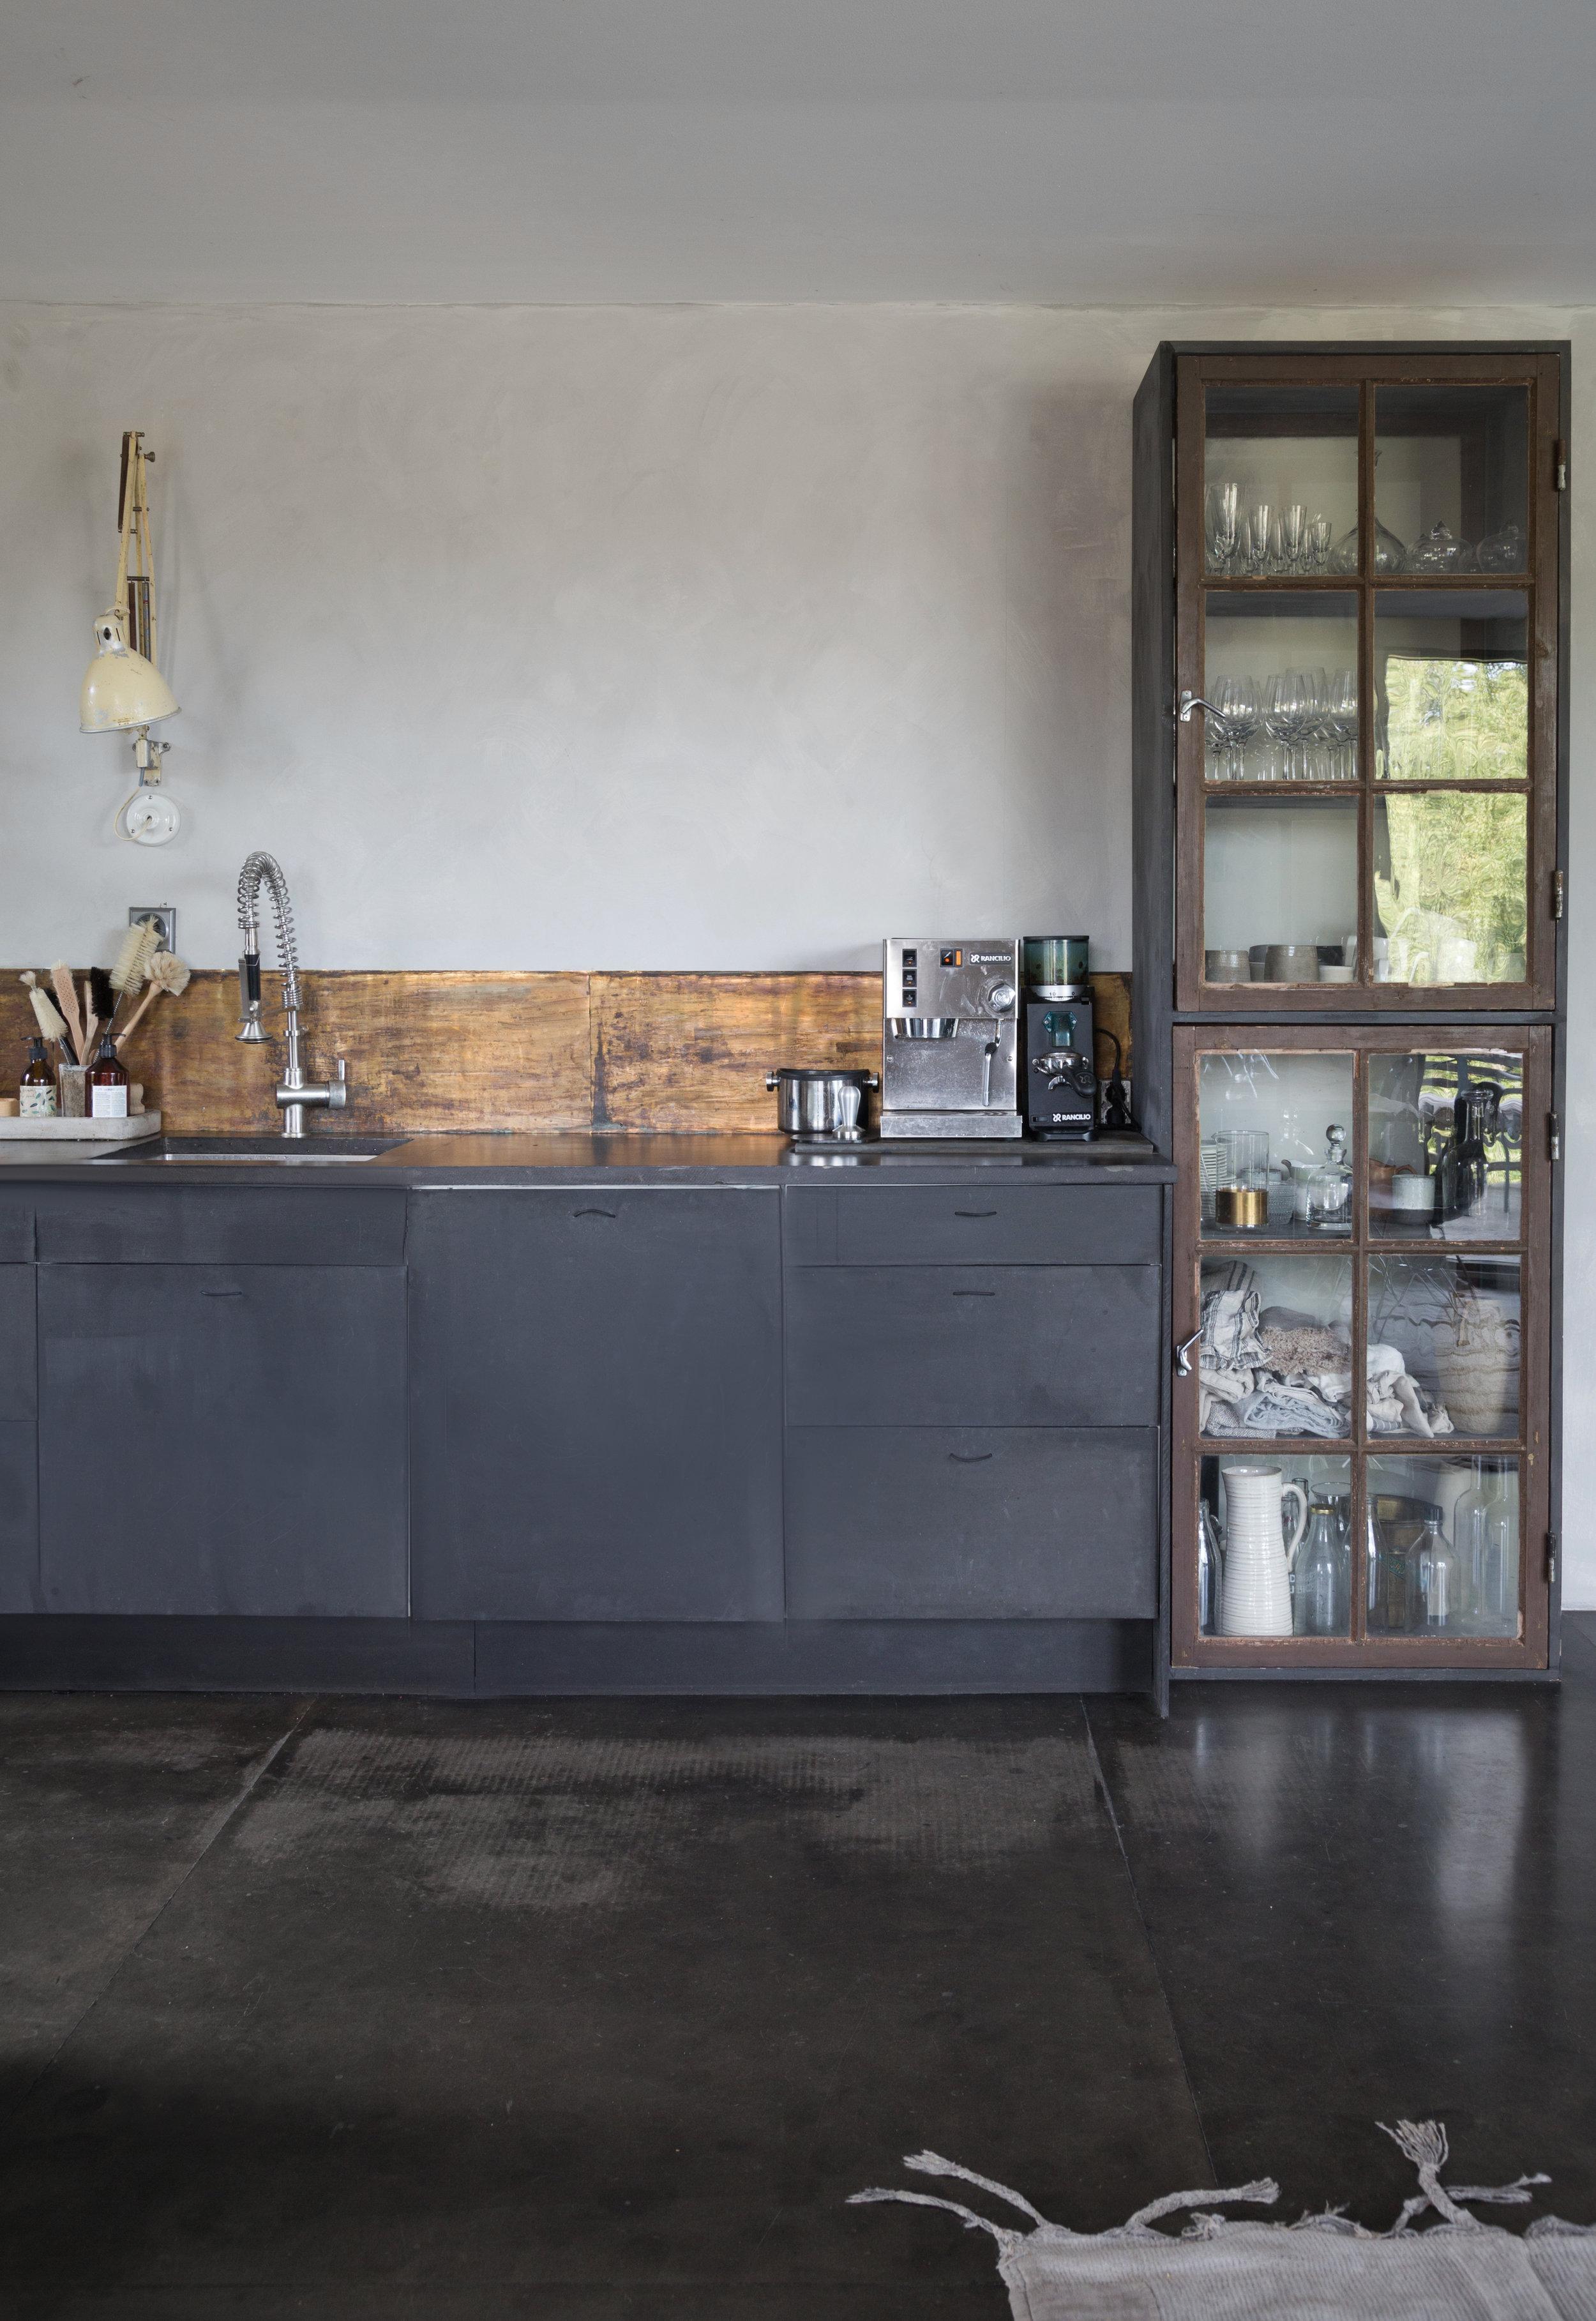 slowdesign_kitchen1.jpg